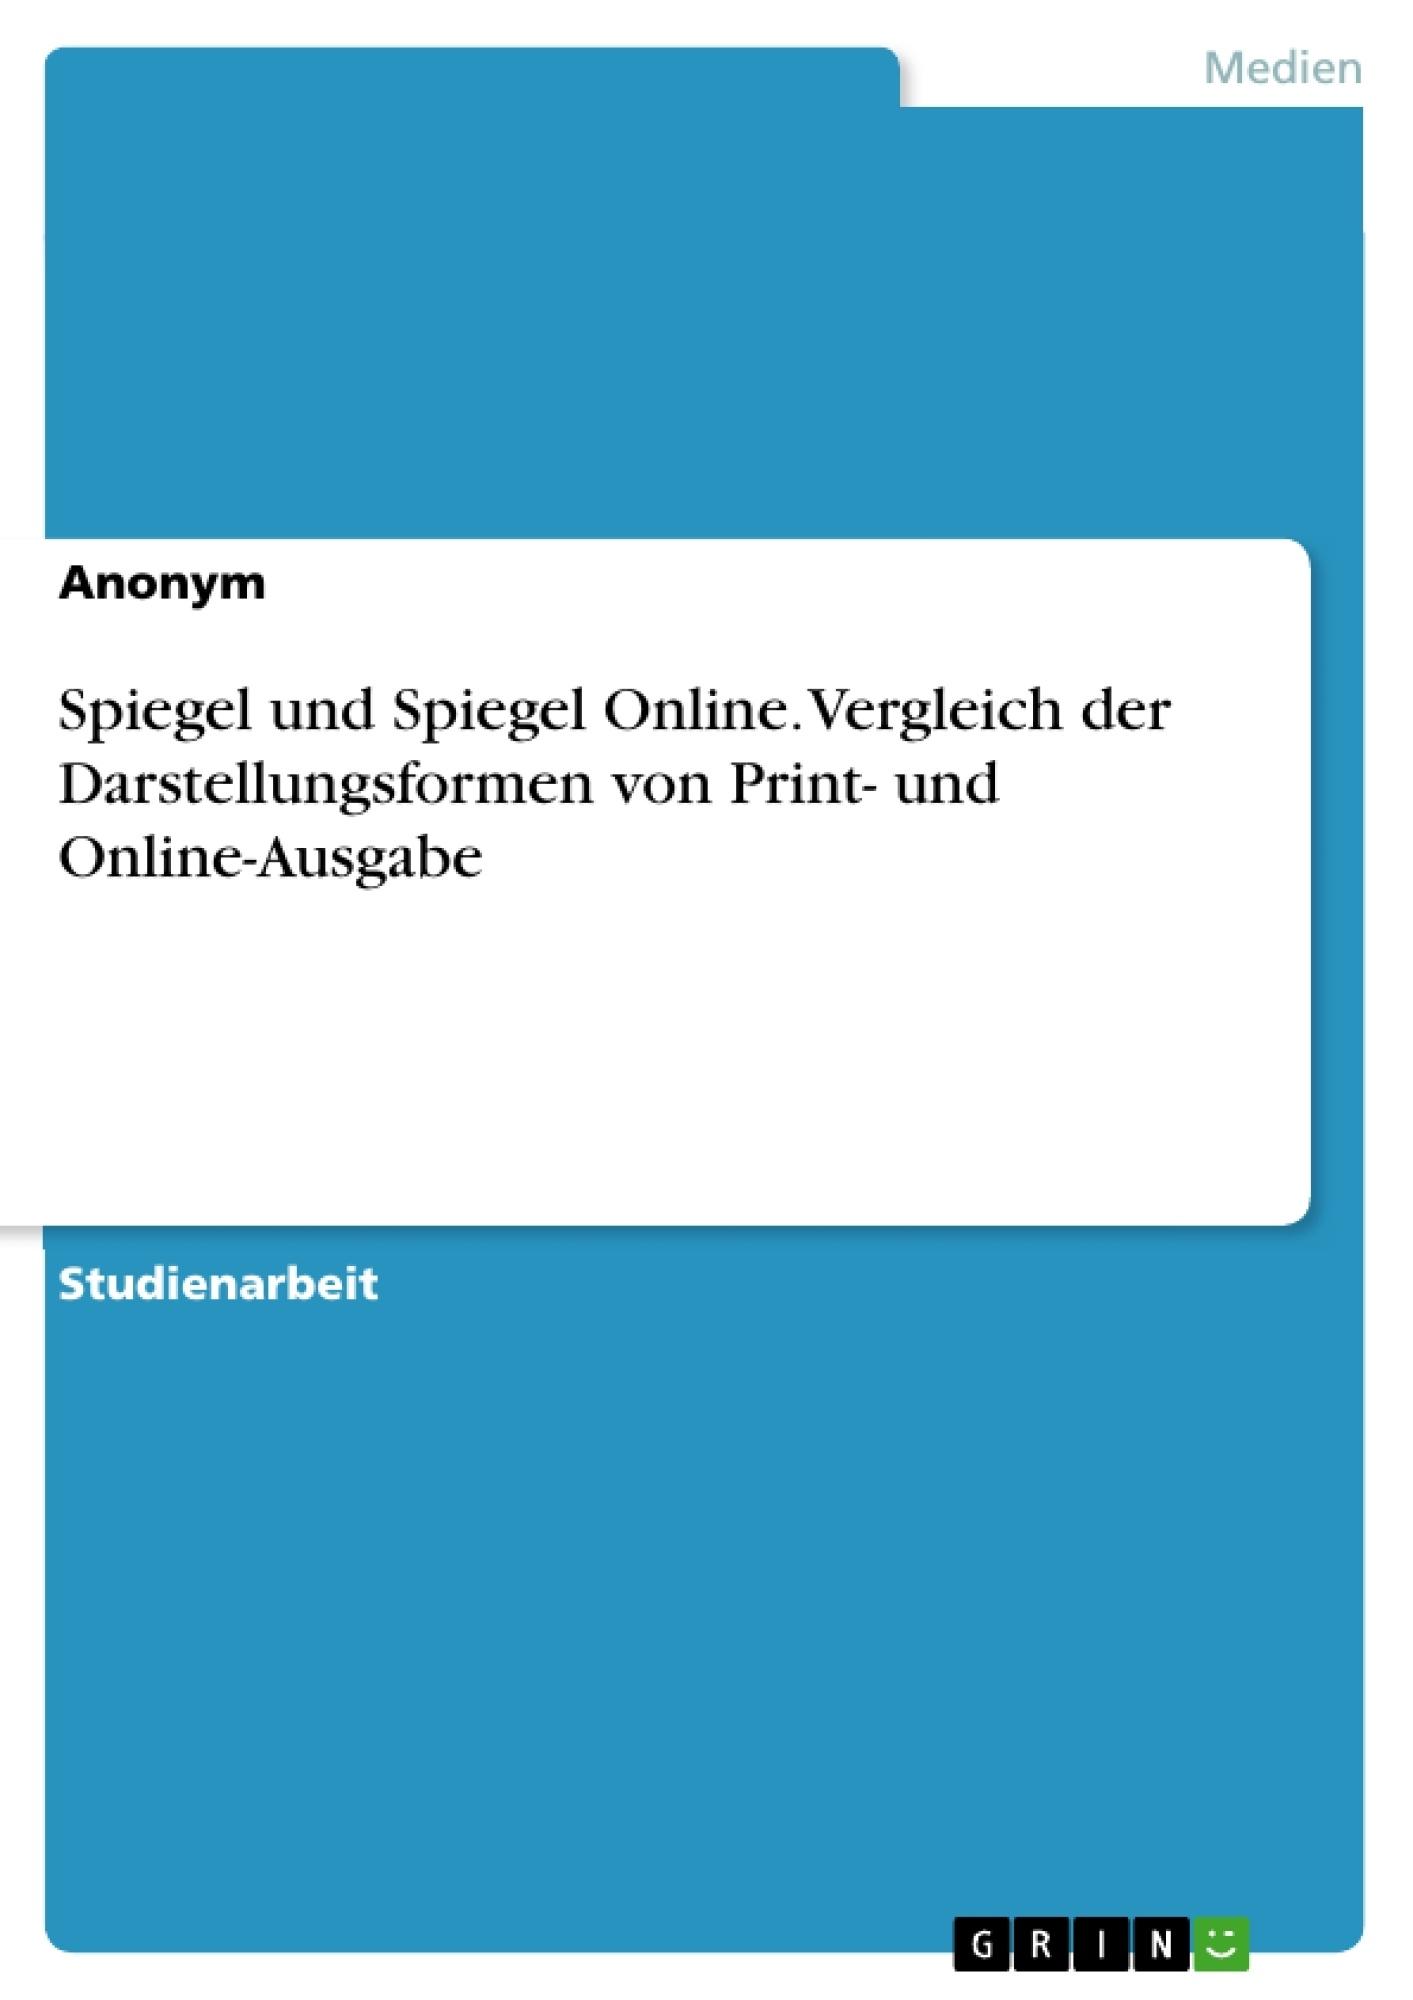 Titel: Spiegel und Spiegel Online. Vergleich der Darstellungsformen von Print- und Online-Ausgabe